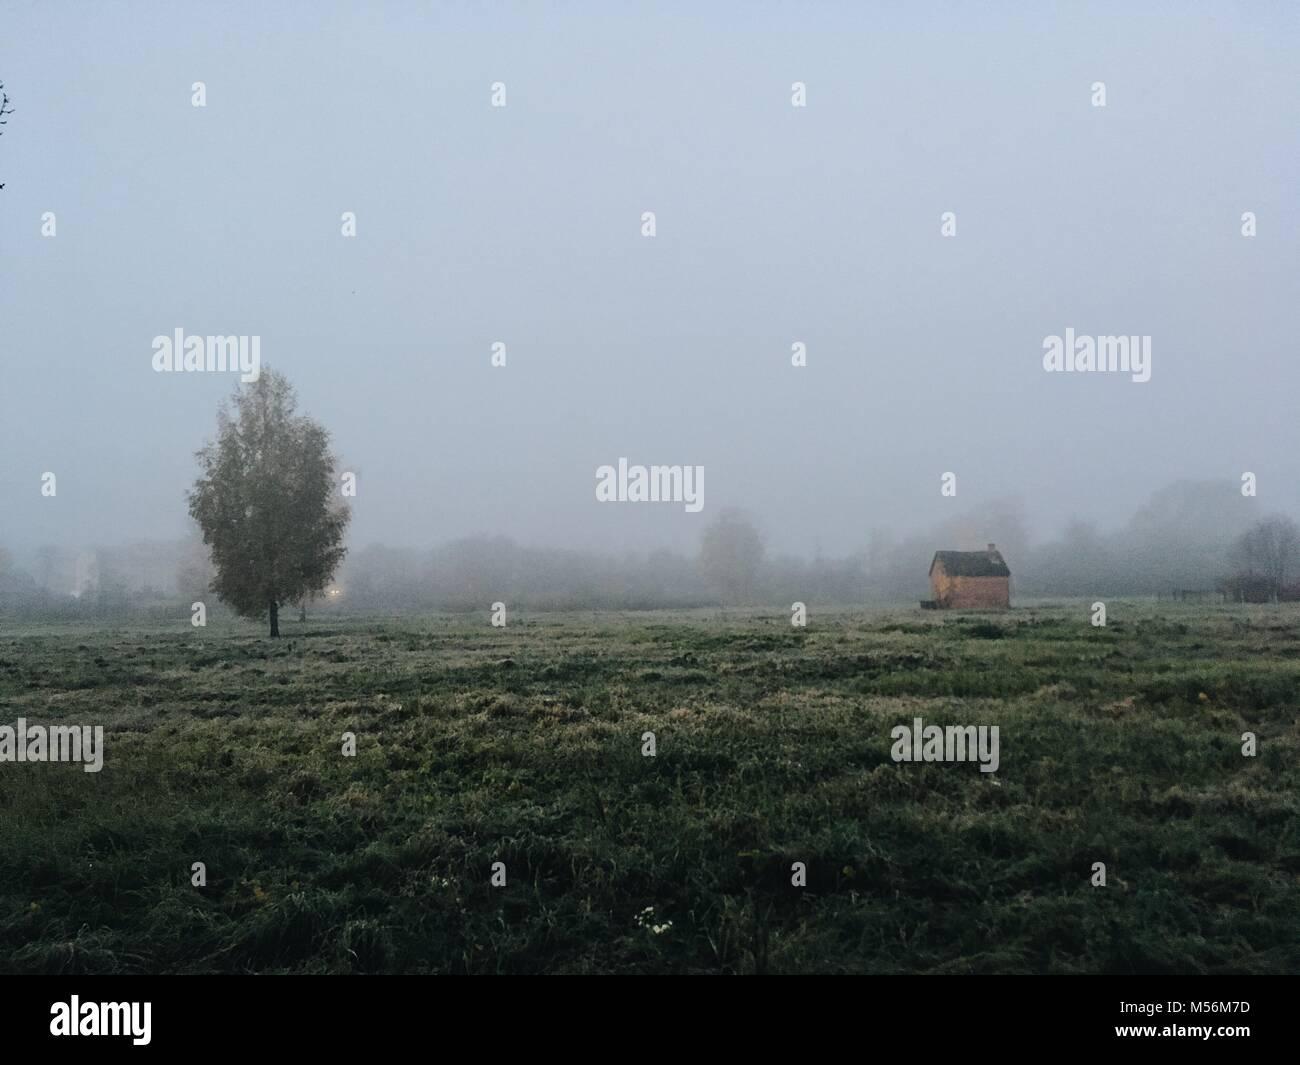 Campo d'erba. Bella mattinata nebbiosa scena con un piccolo capannone. Immagini Stock